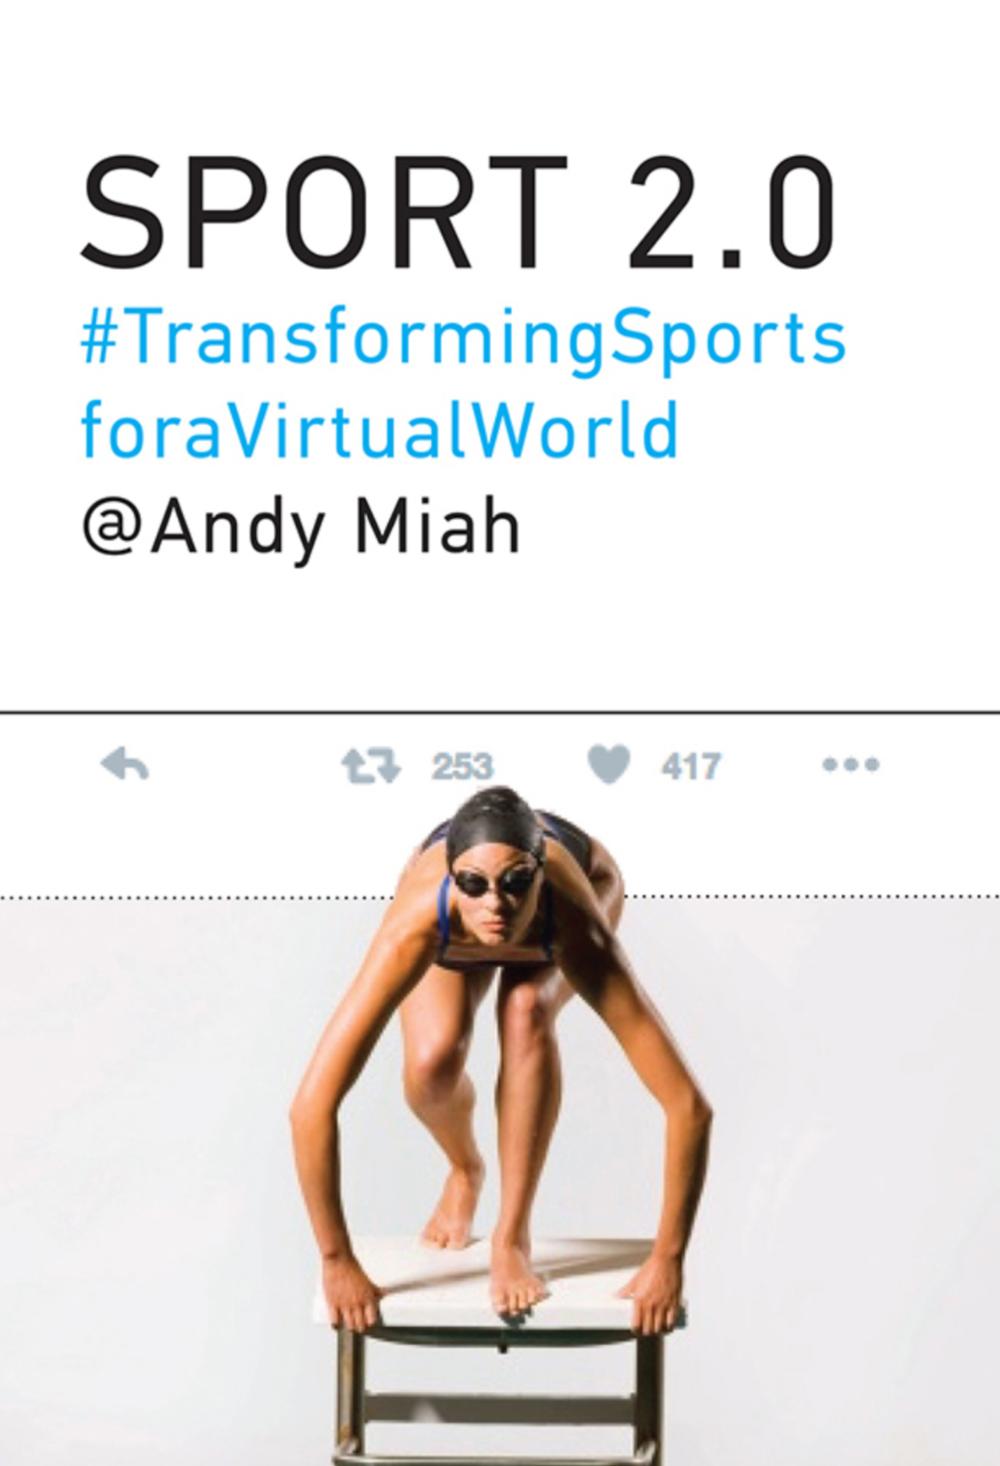 Miah, A (2017) Sport 2.0. The MIT Press